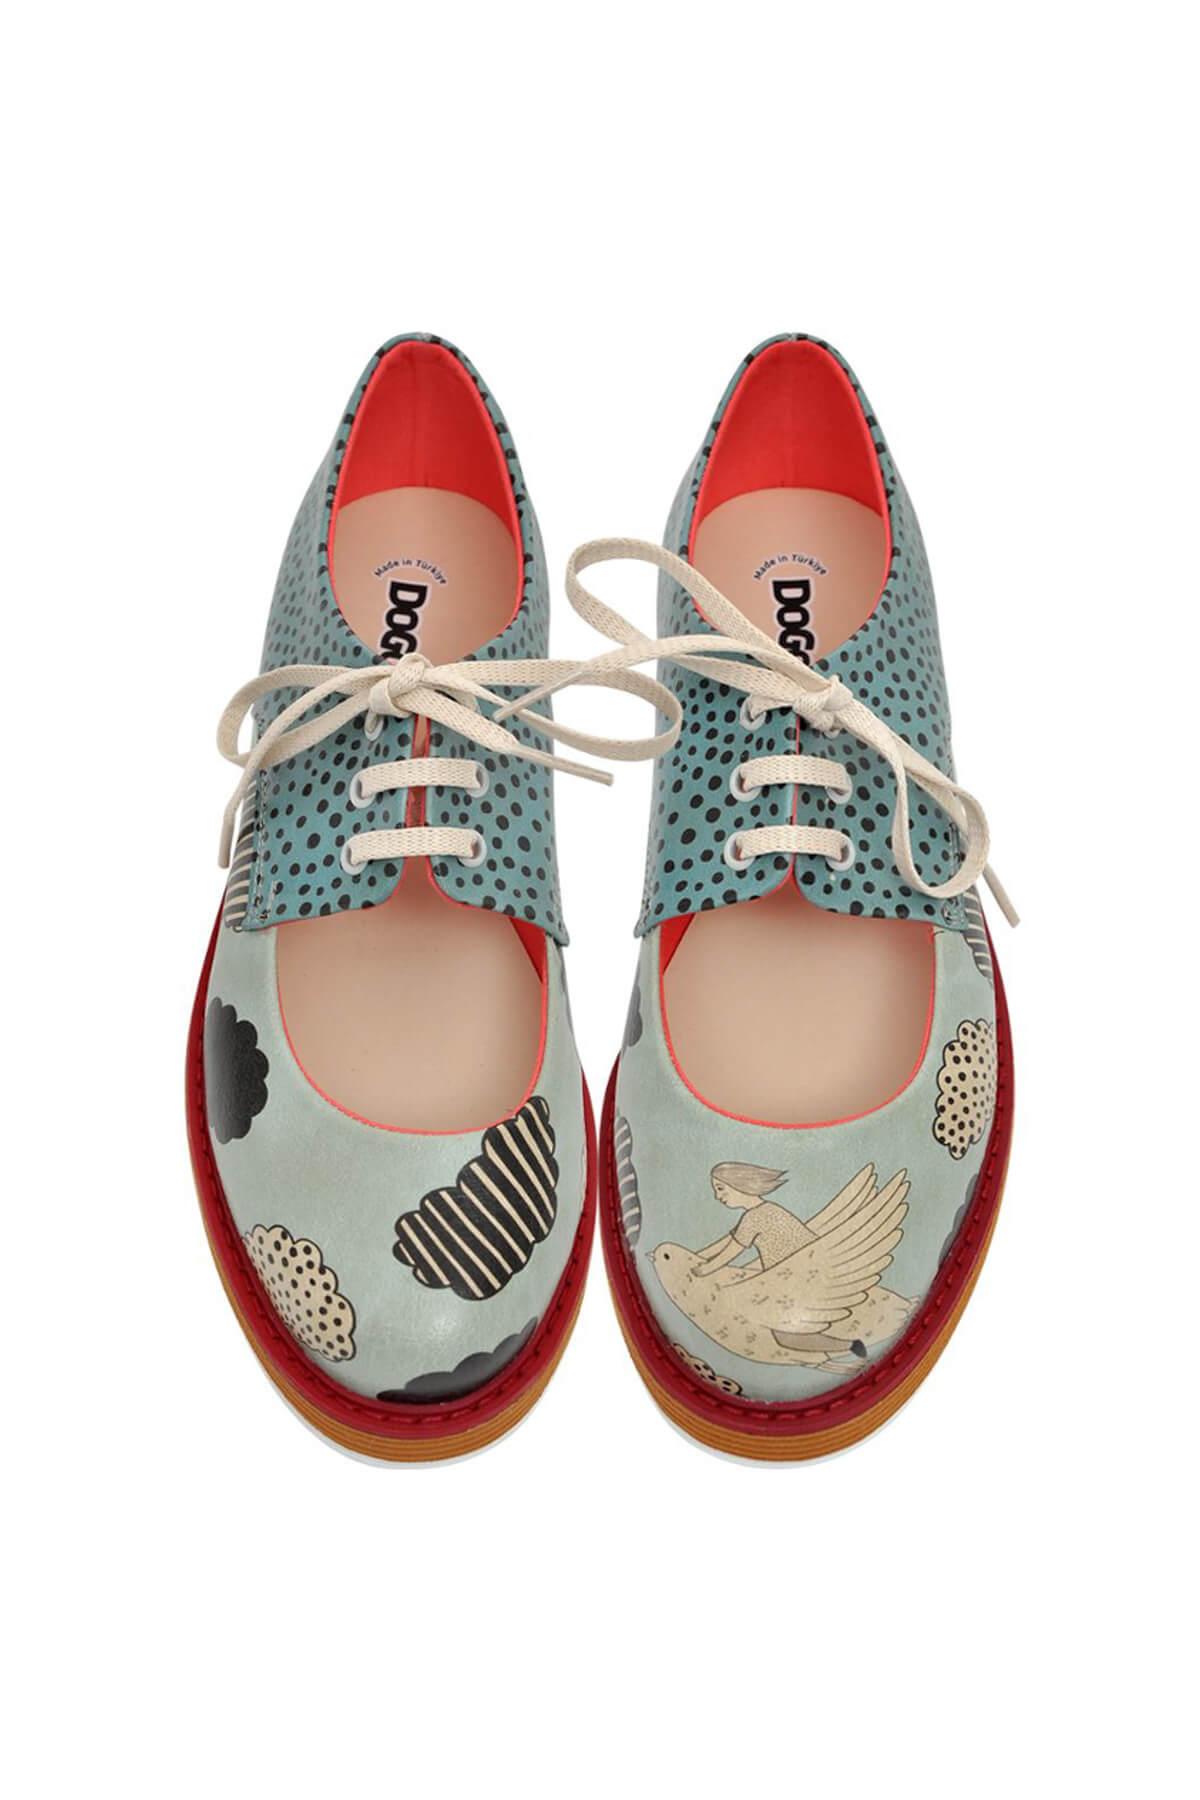 Dogo Çok Renkli Kadın Ayakkabı DGPNC017-401 1